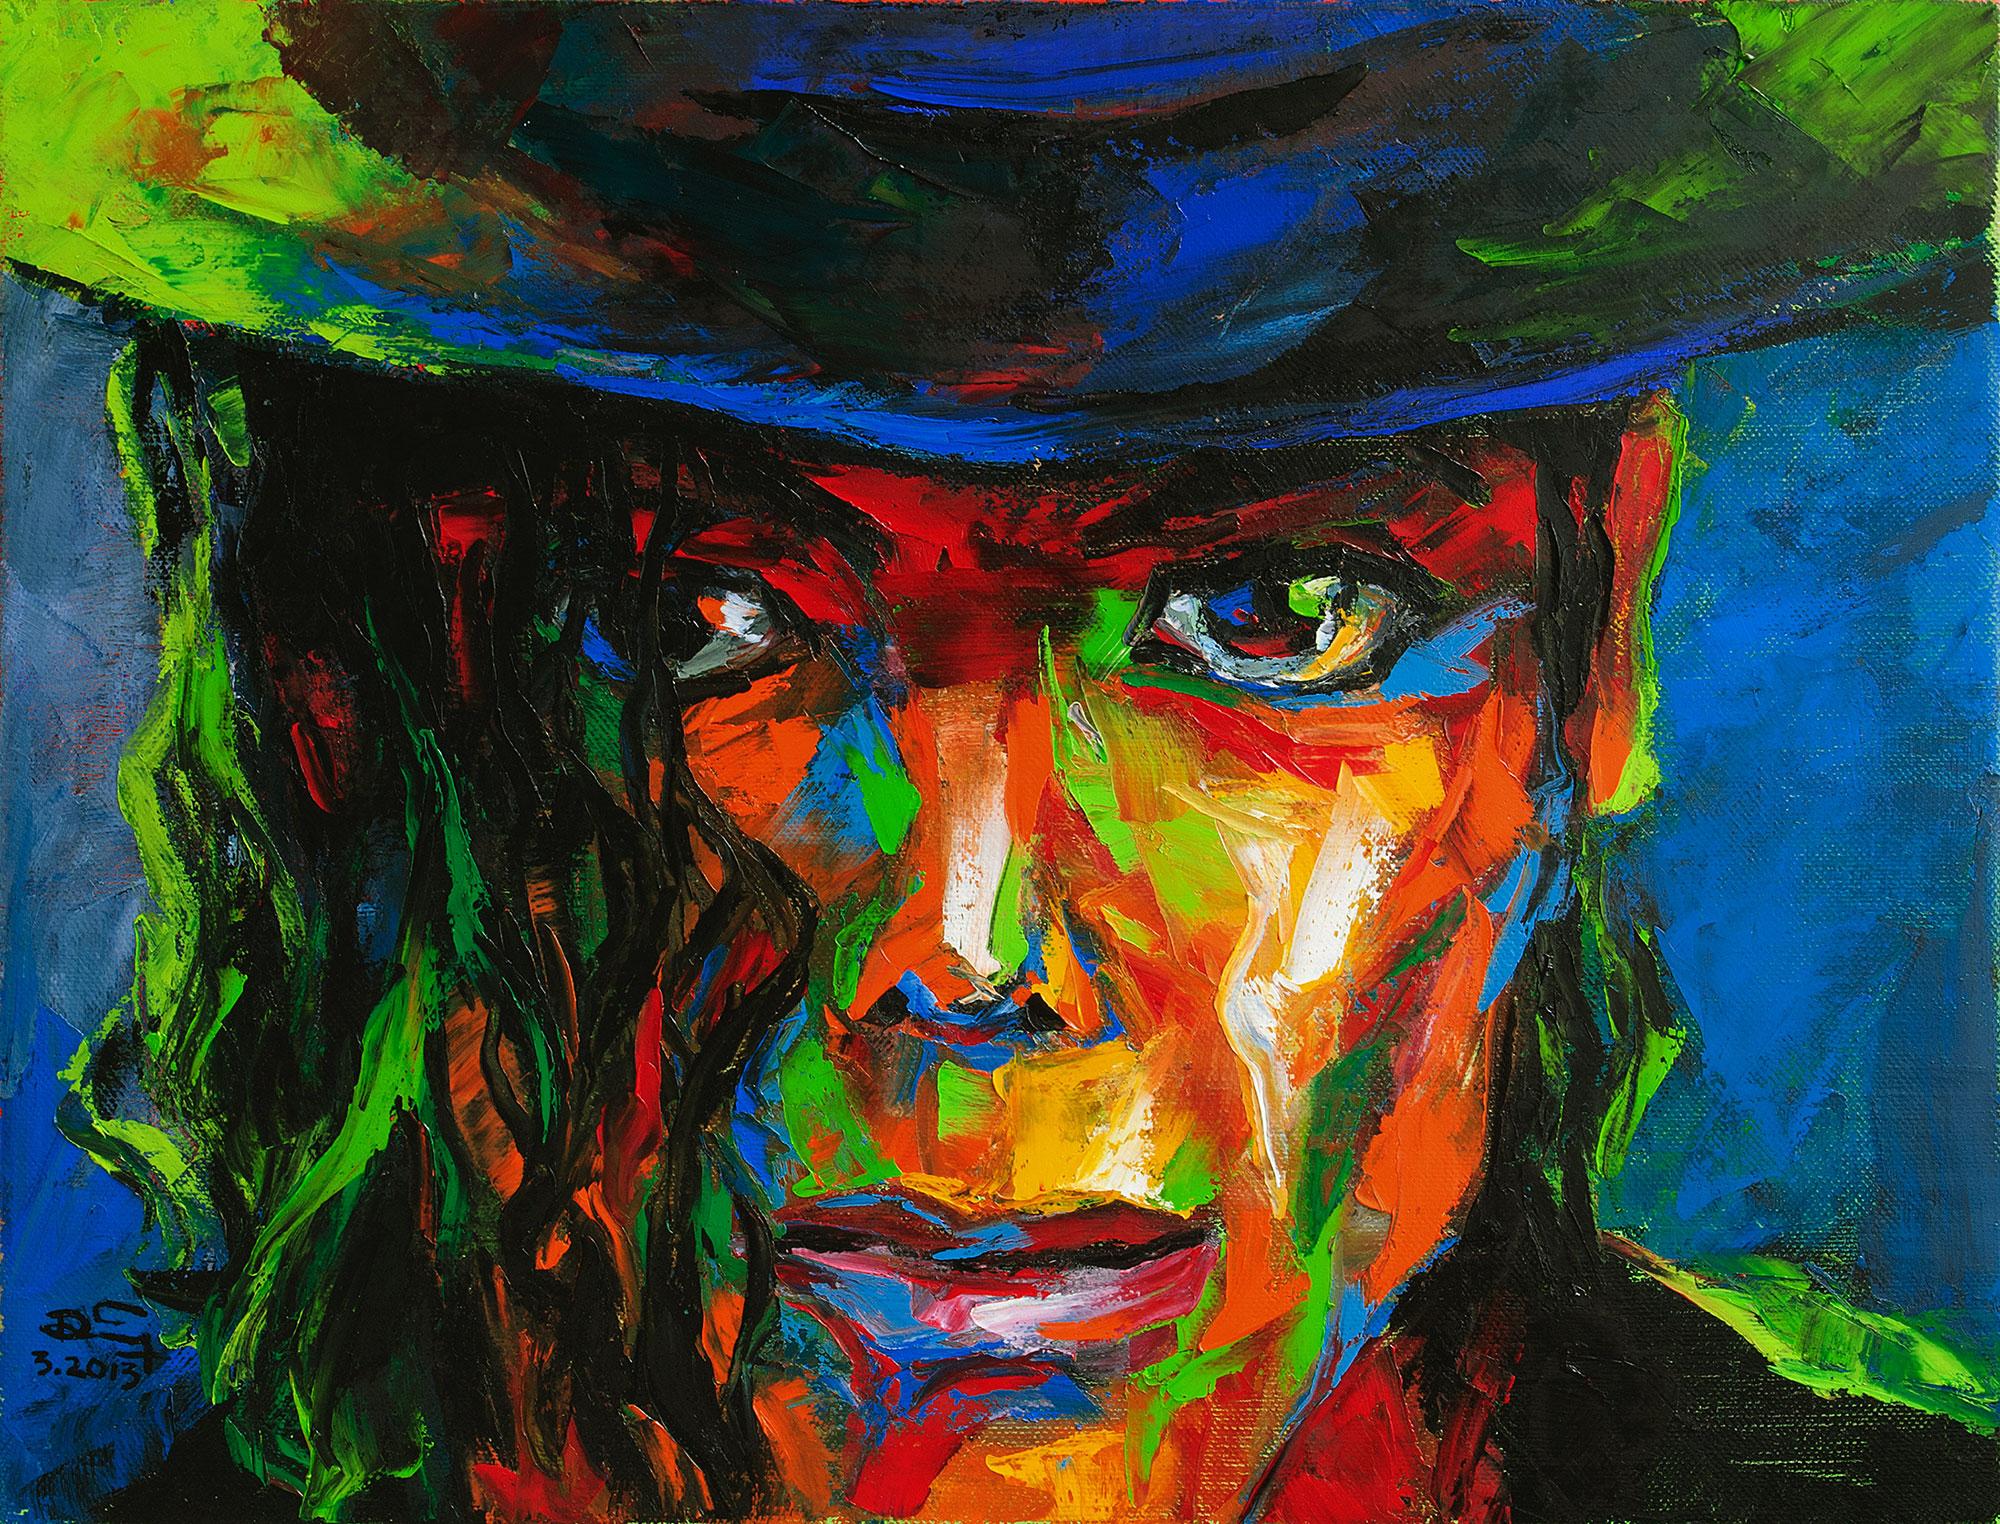 Michael Modo Artistico - Pagina 4 Mj02